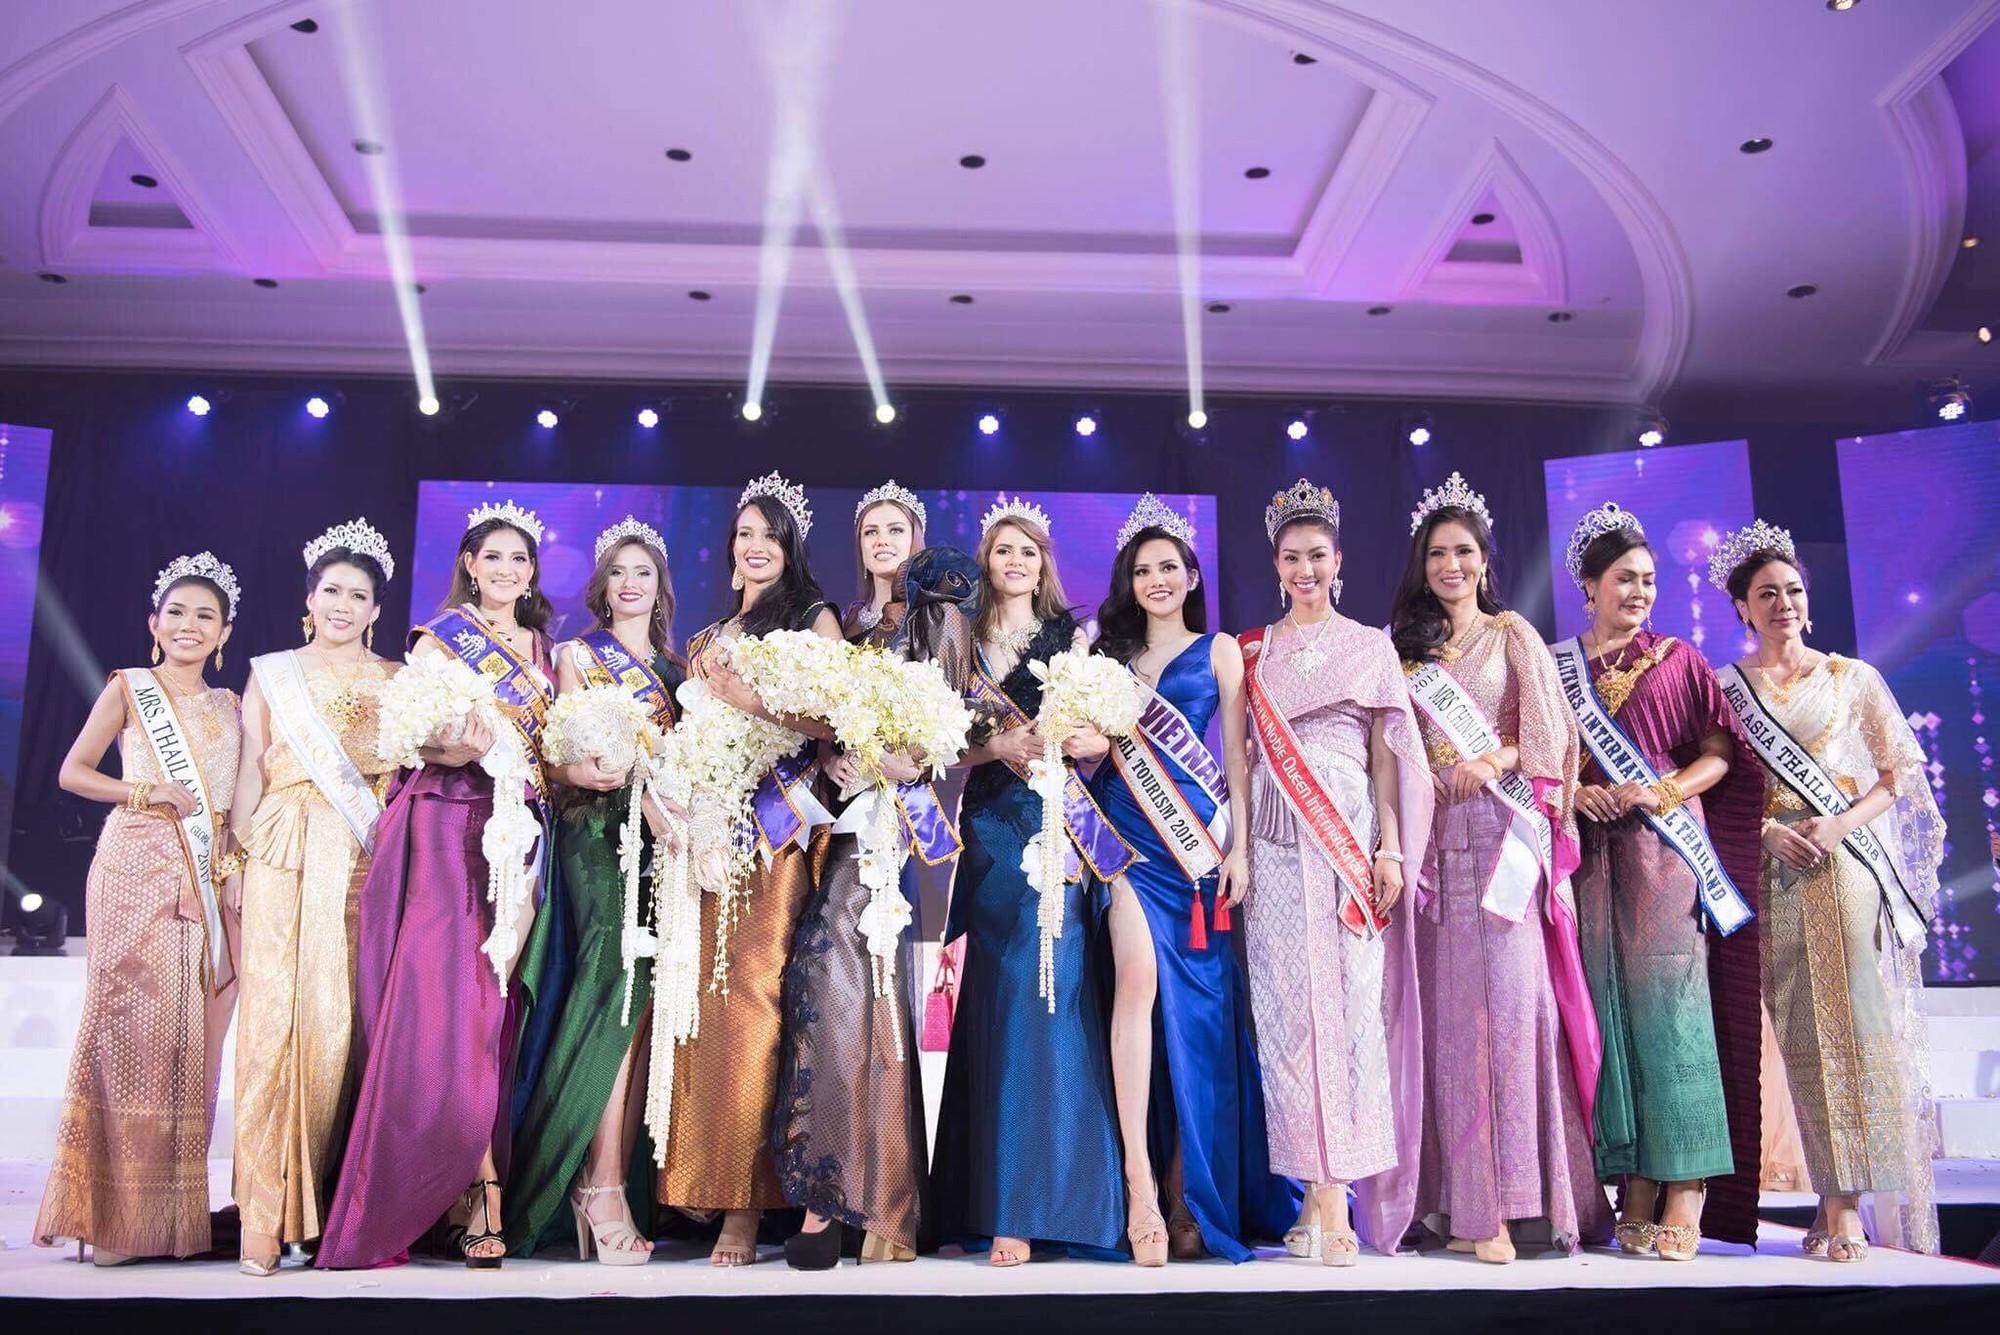 Người đẹp Brazil đăng quang Nữ hoàng Du lịch Quốc tế 2018, đại diện Việt Nam dừng chân ở Top 10 - Ảnh 1.